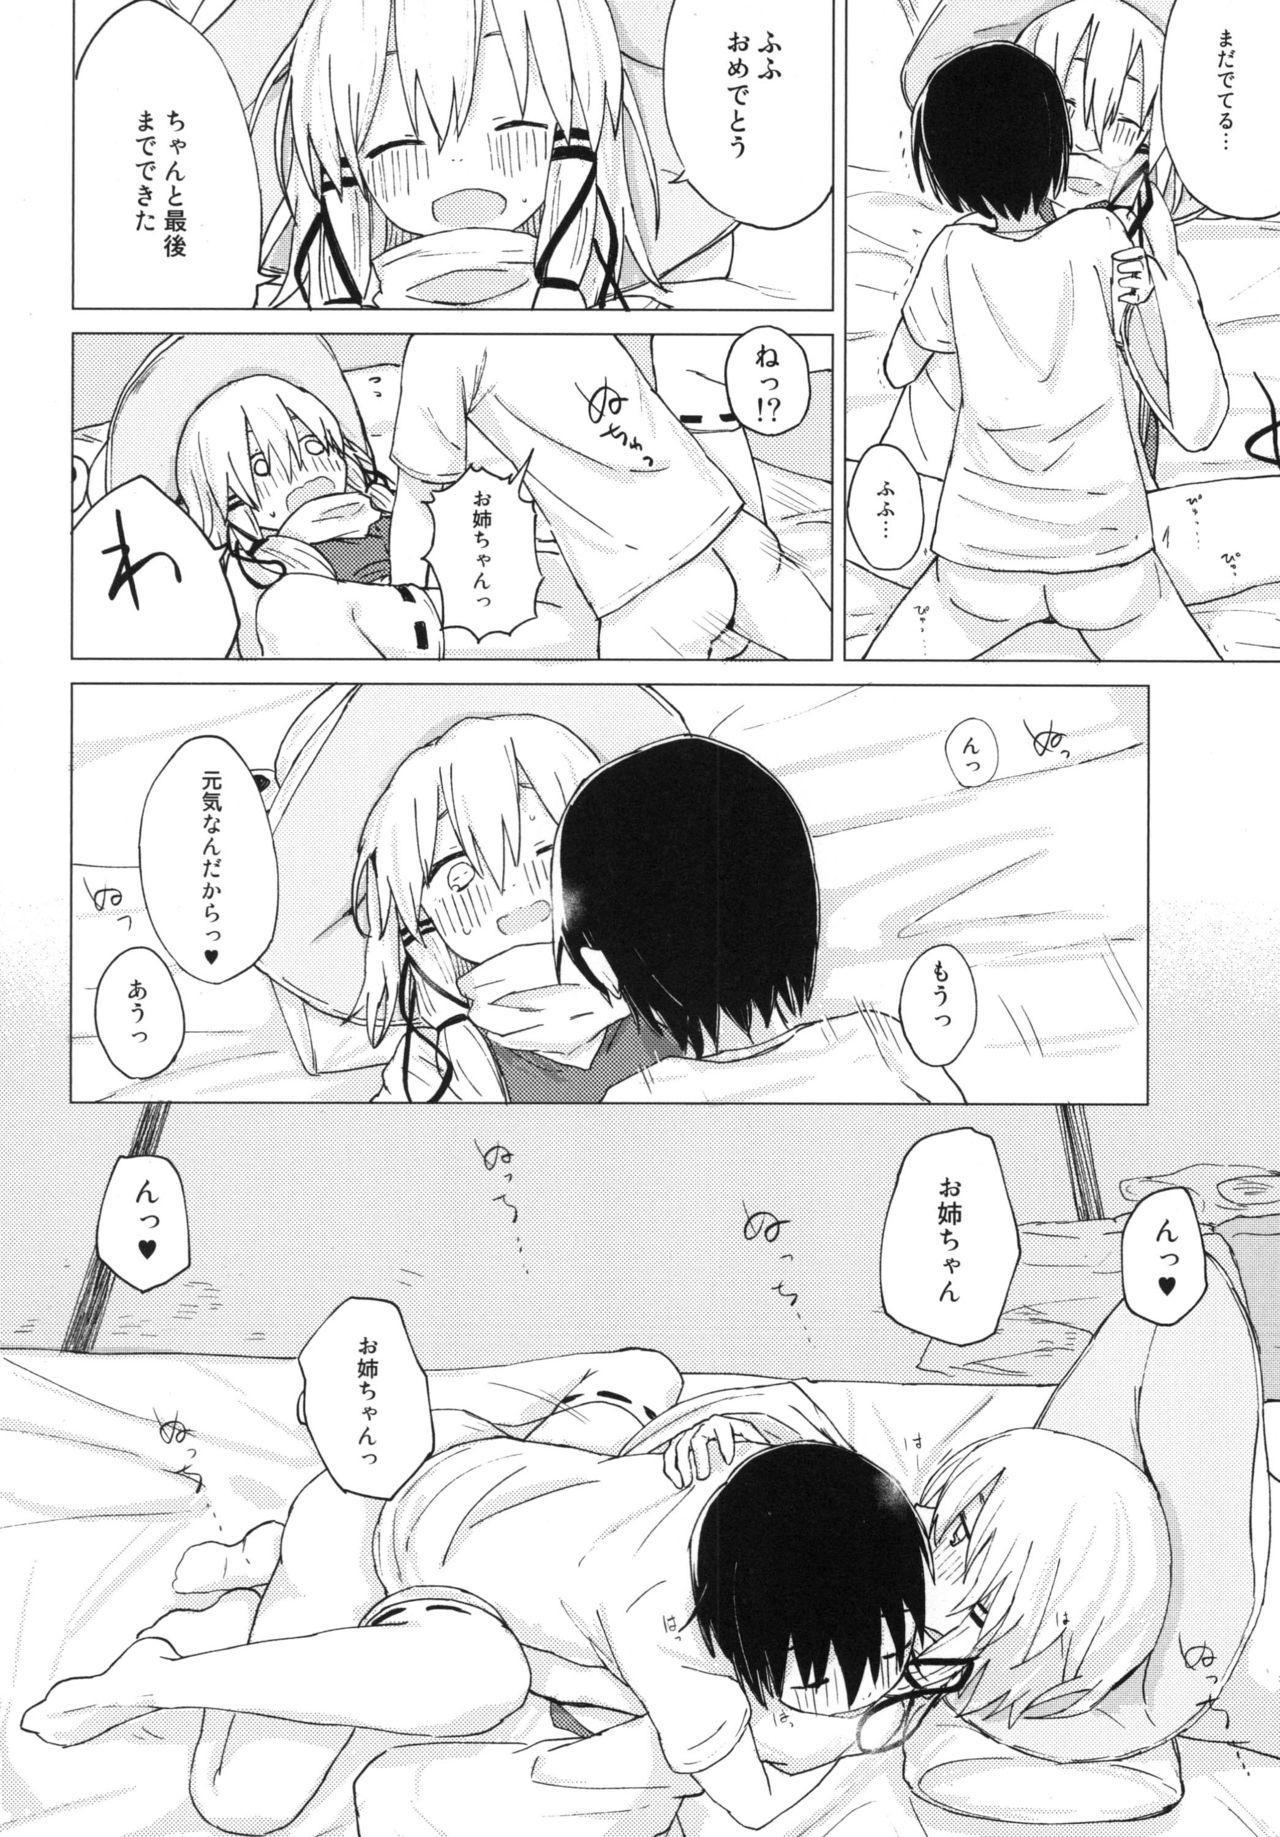 Suwa Shota 01 29